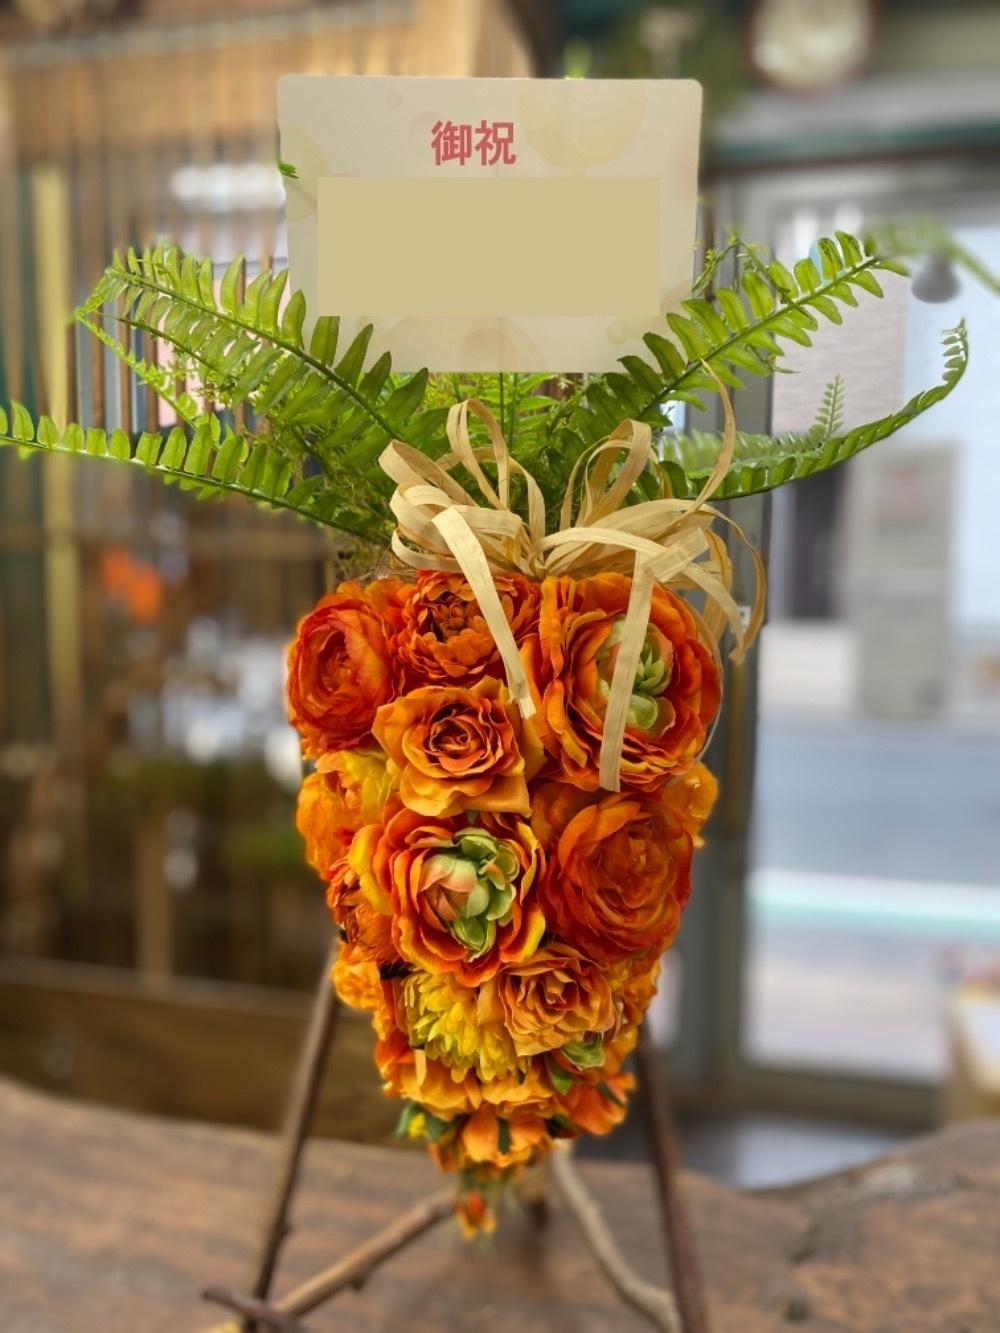 「頑張っているカフェを応援したい」人参のモチーフが可愛い周年祝い花